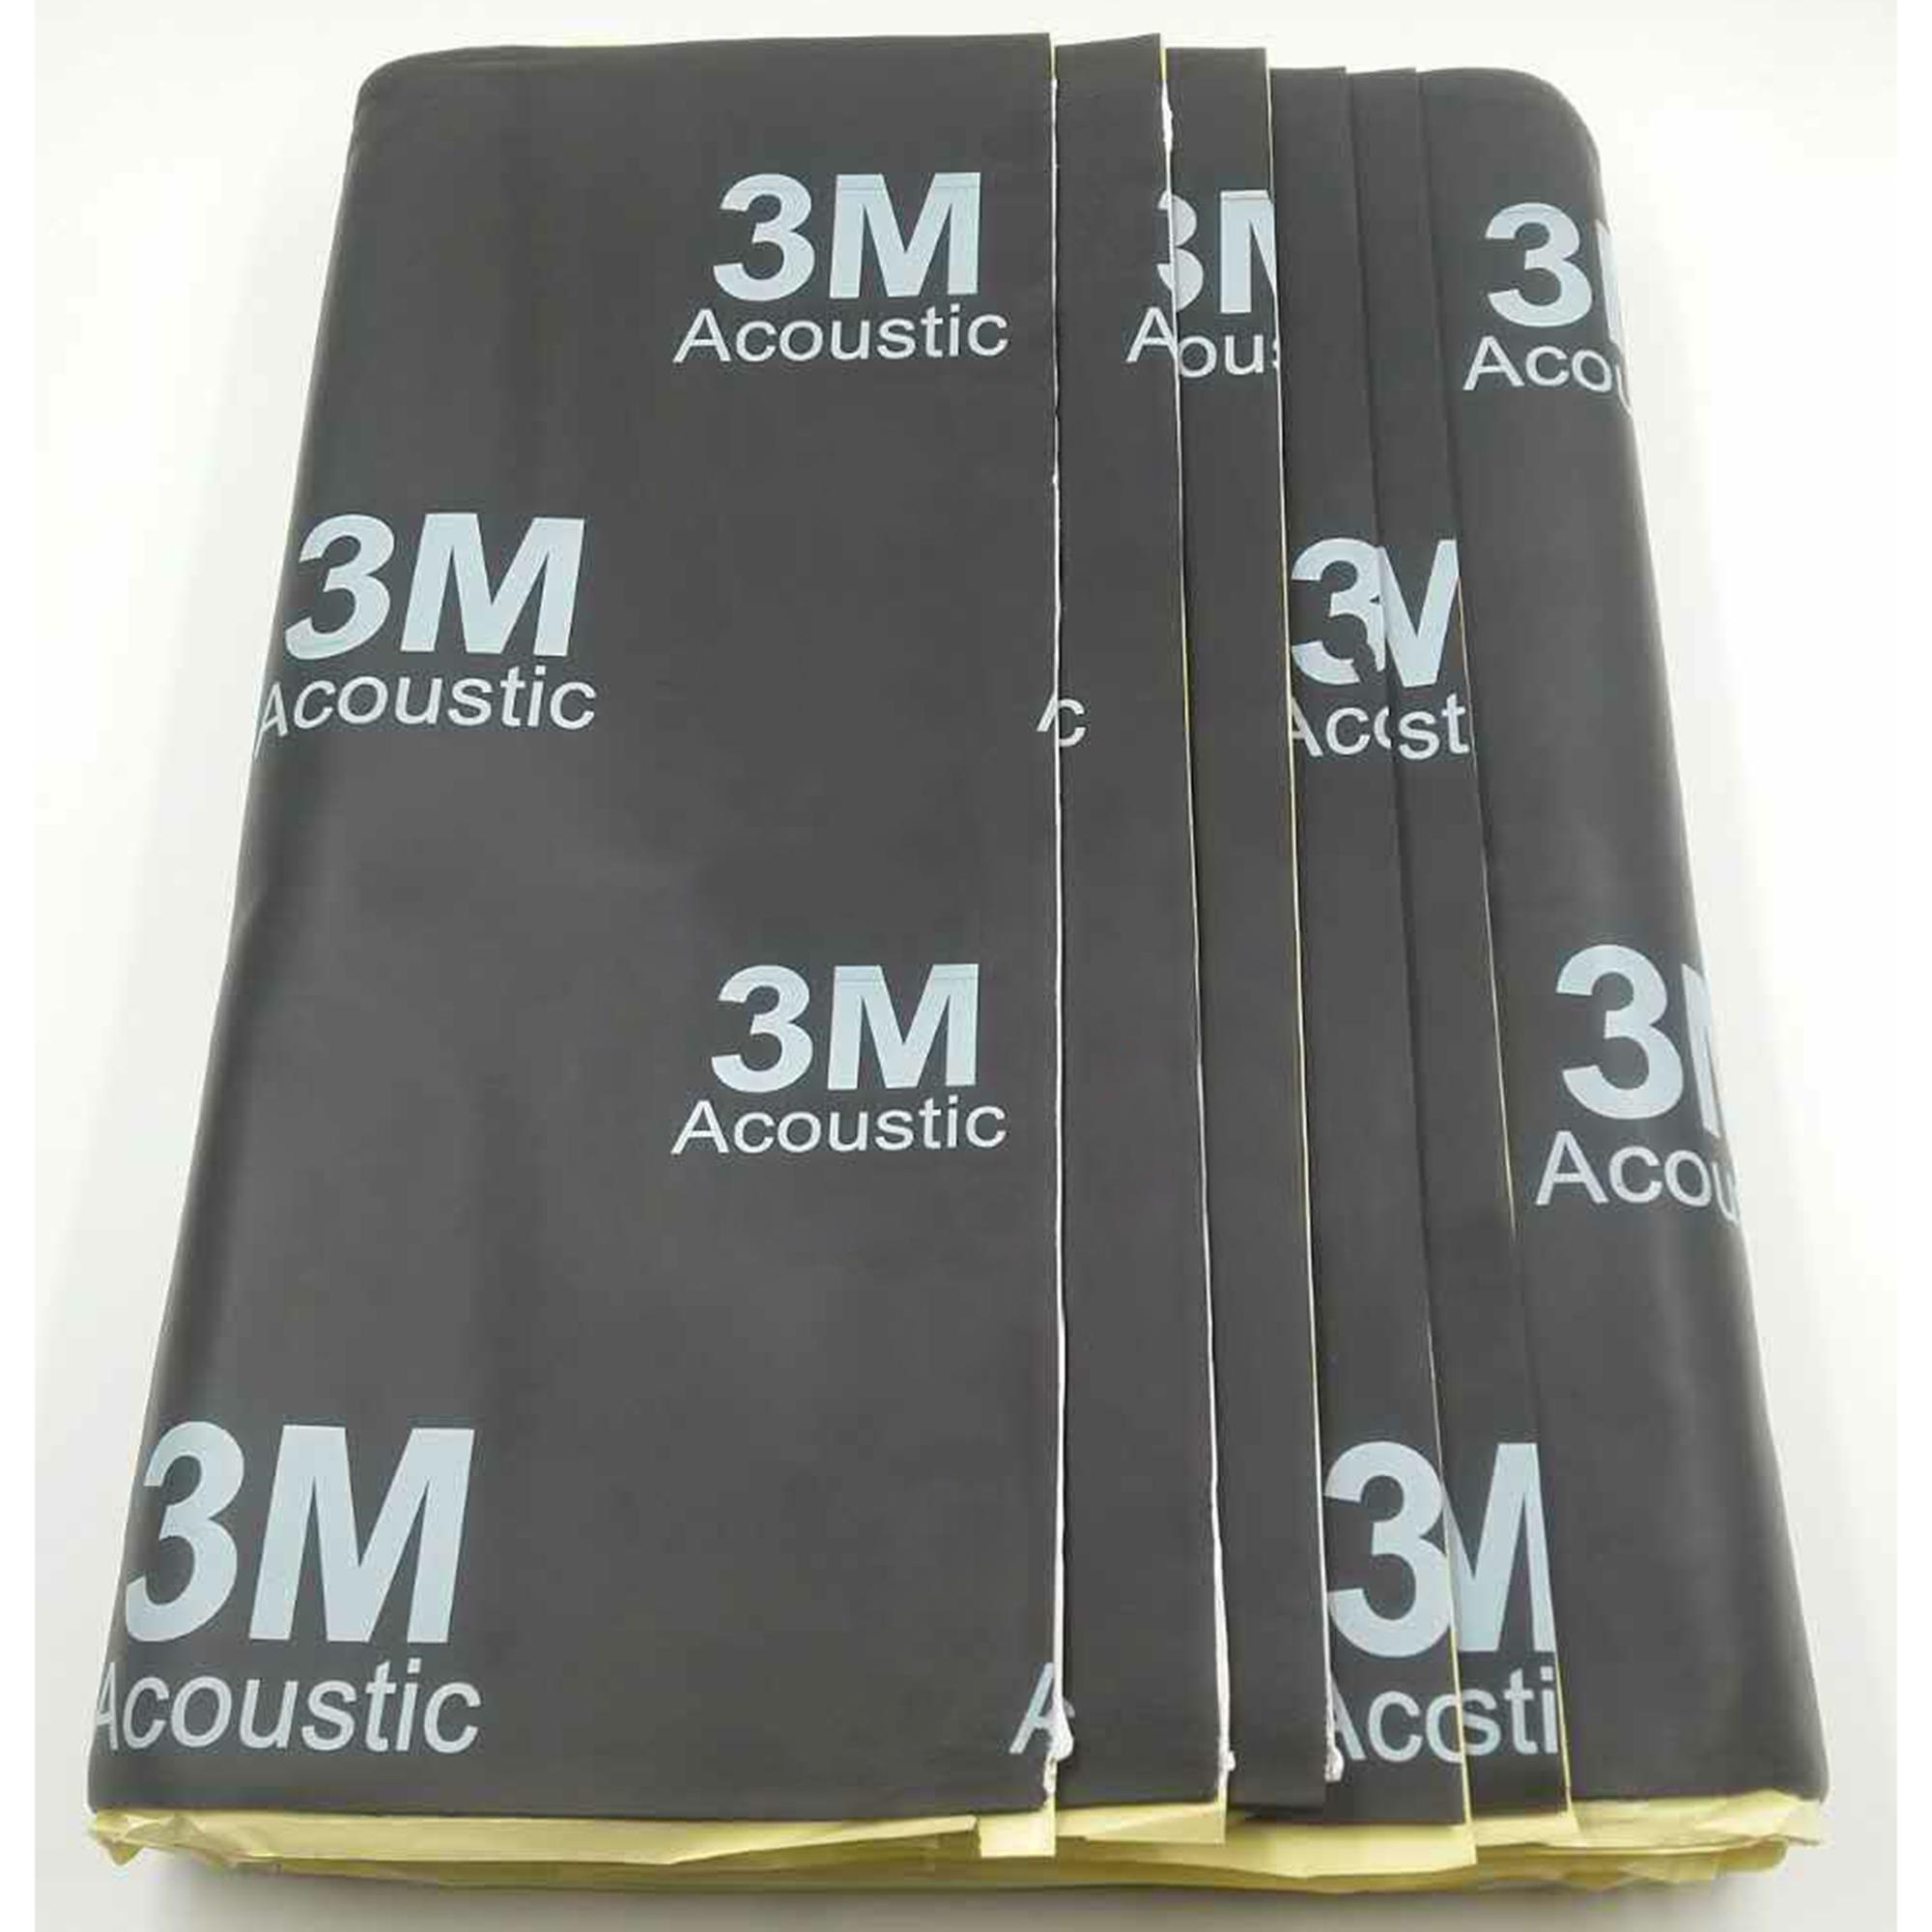 Offer Giảm Giá Combo 2 Tấm Cách âm Hiệu 3M™ ACOUSTIC - 3 Lớp Dày 6mm